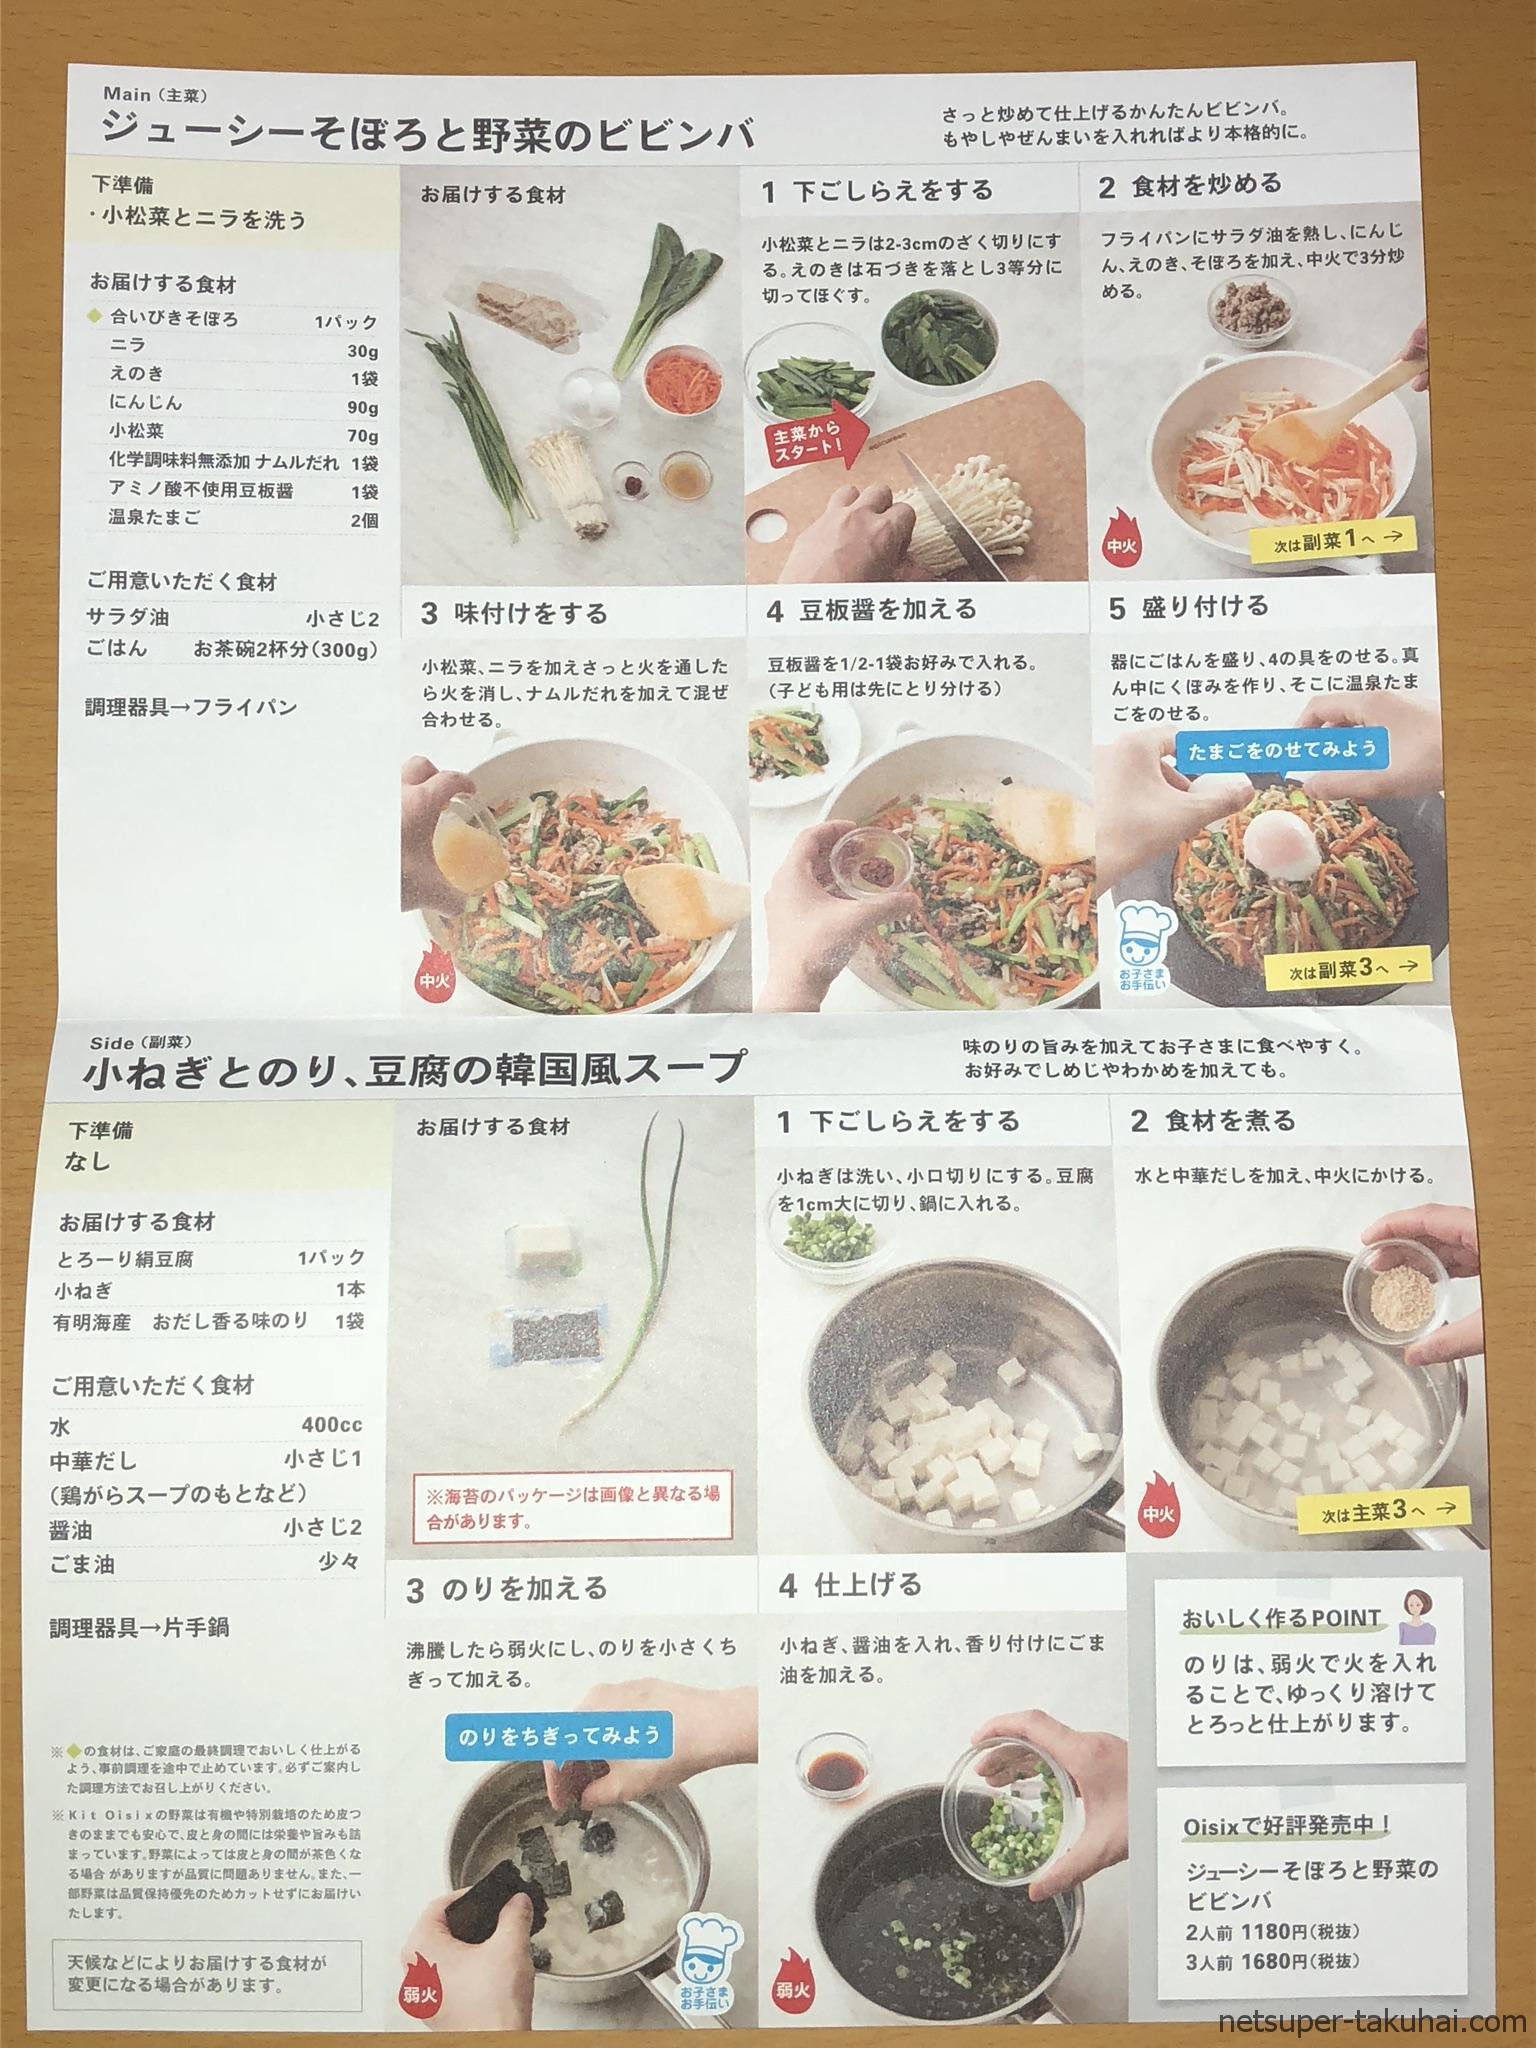 調理の仕方